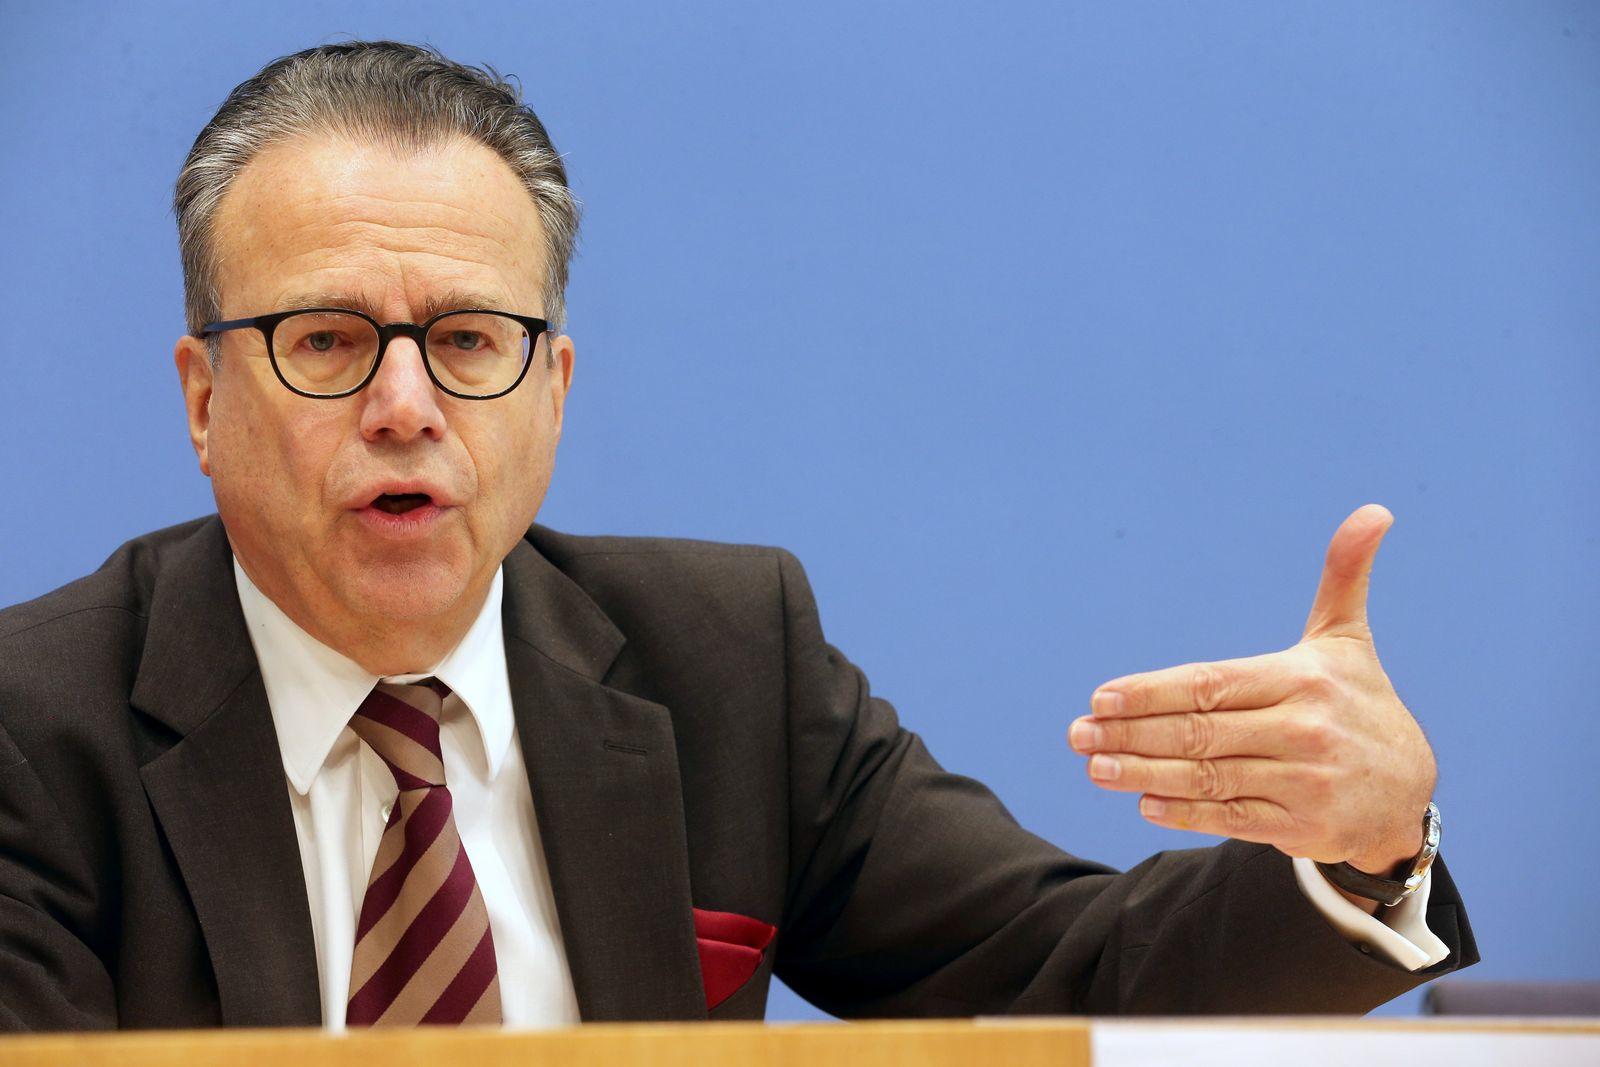 Frank-Jürgen Weise